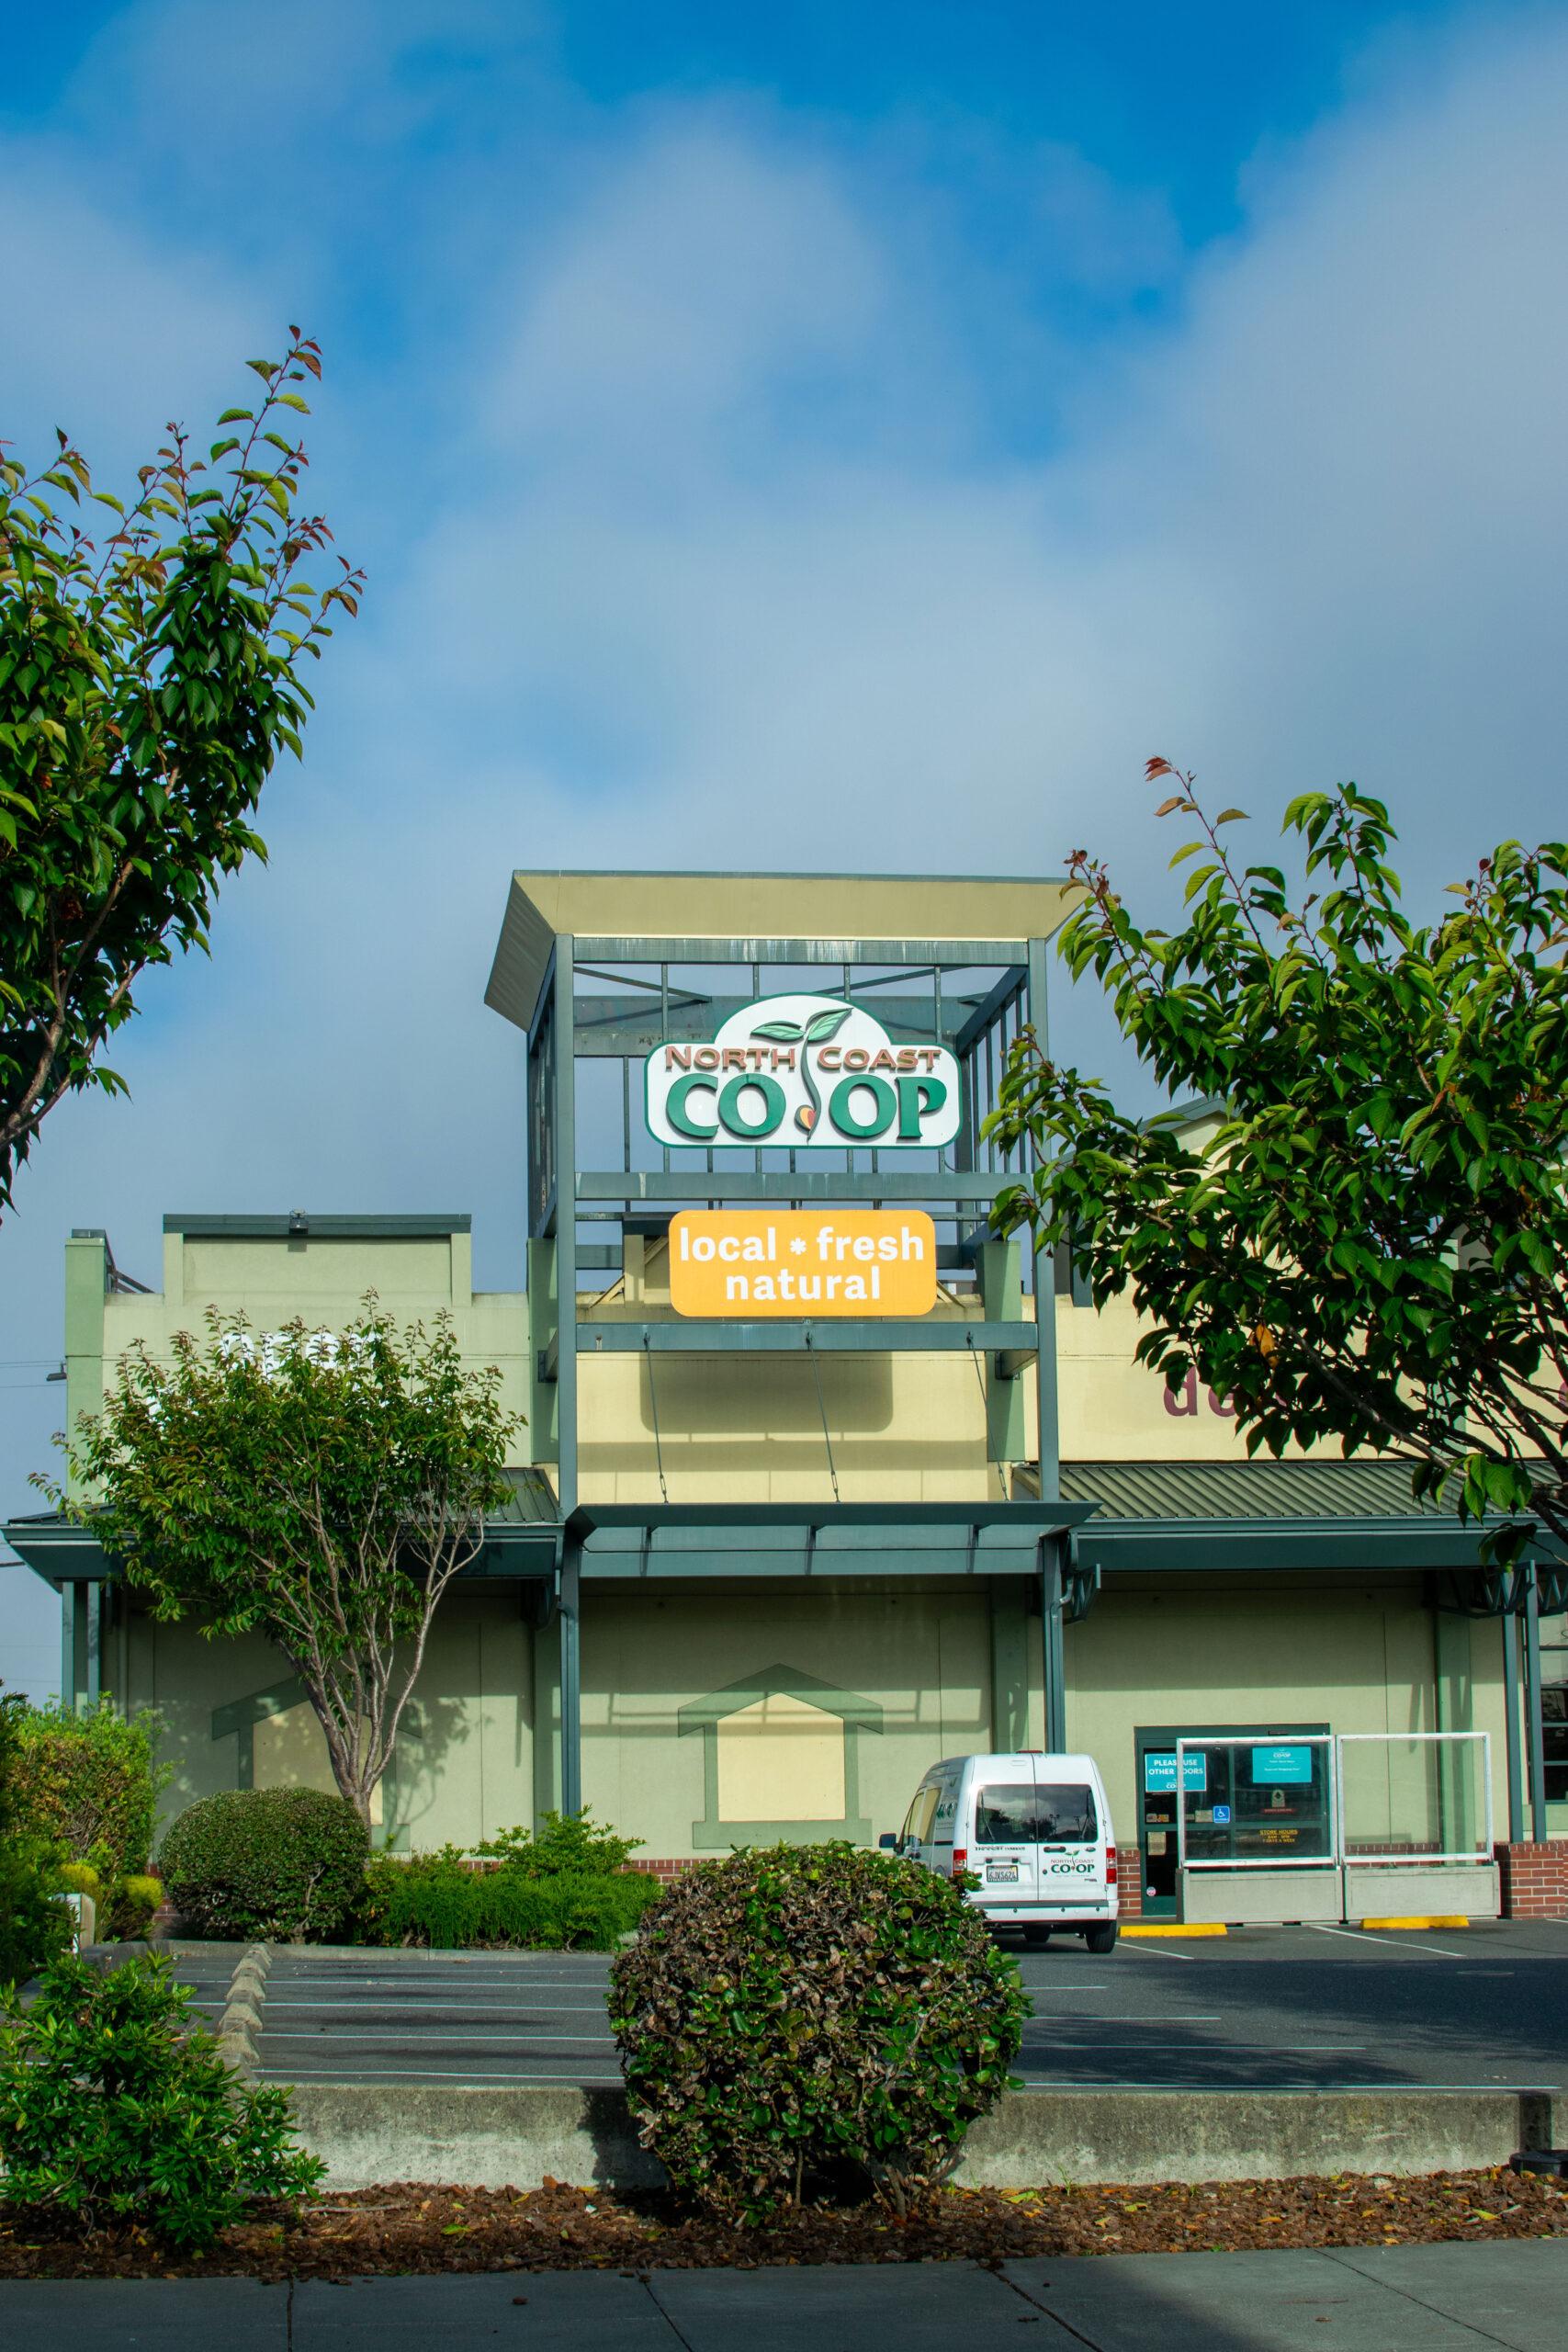 North Coast Coop